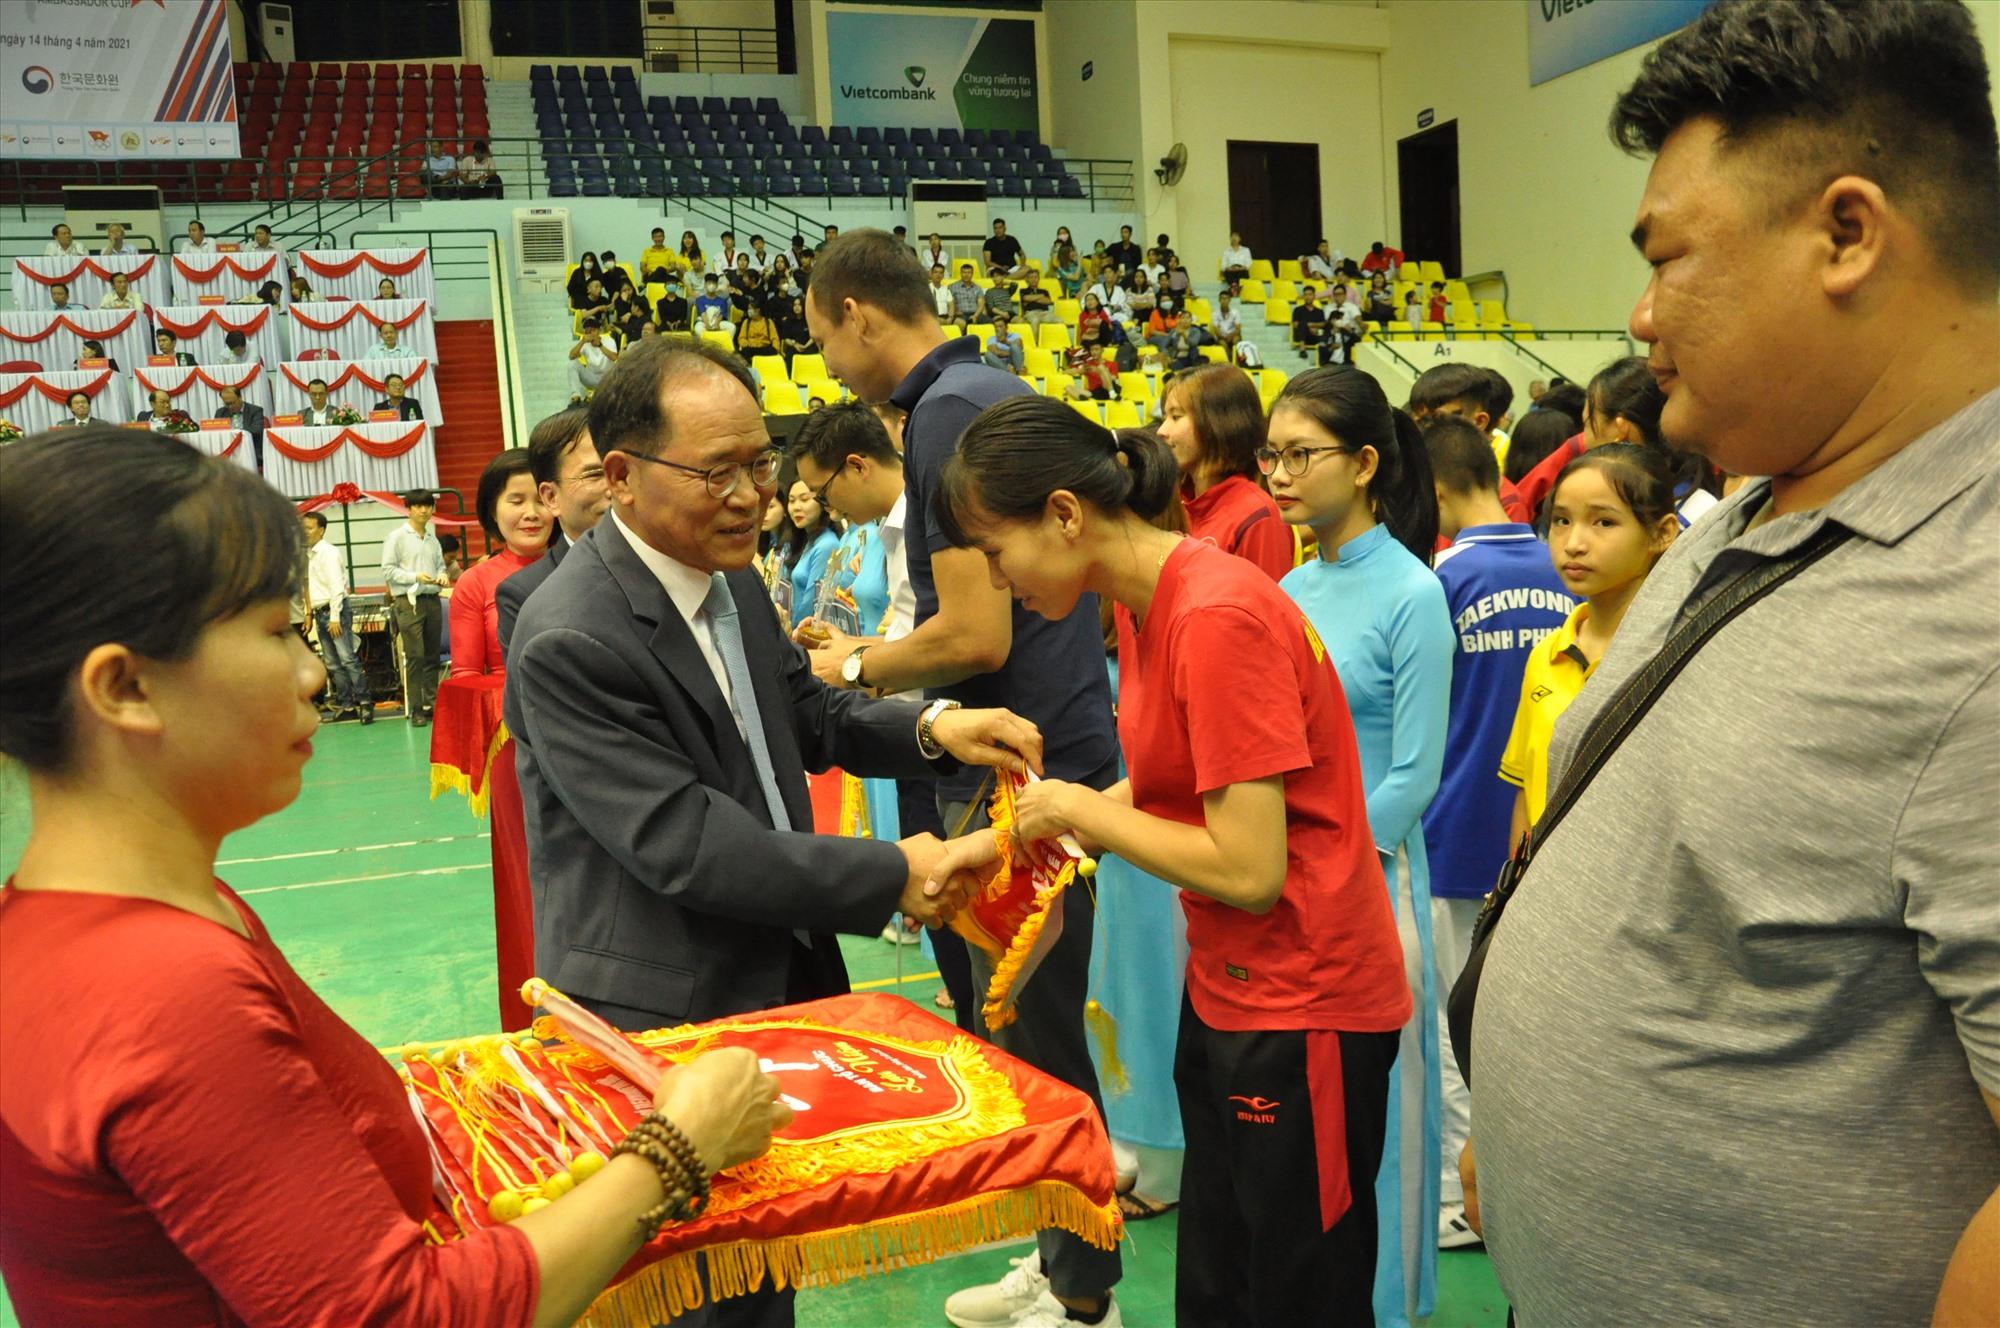 Đại sứ đặc mệnh toàn quyền Đại Hàn Dân quốc tại Việt Nam tặng cờ lưu niệm cho các đơn vị dự giải. Ảnh: T.V